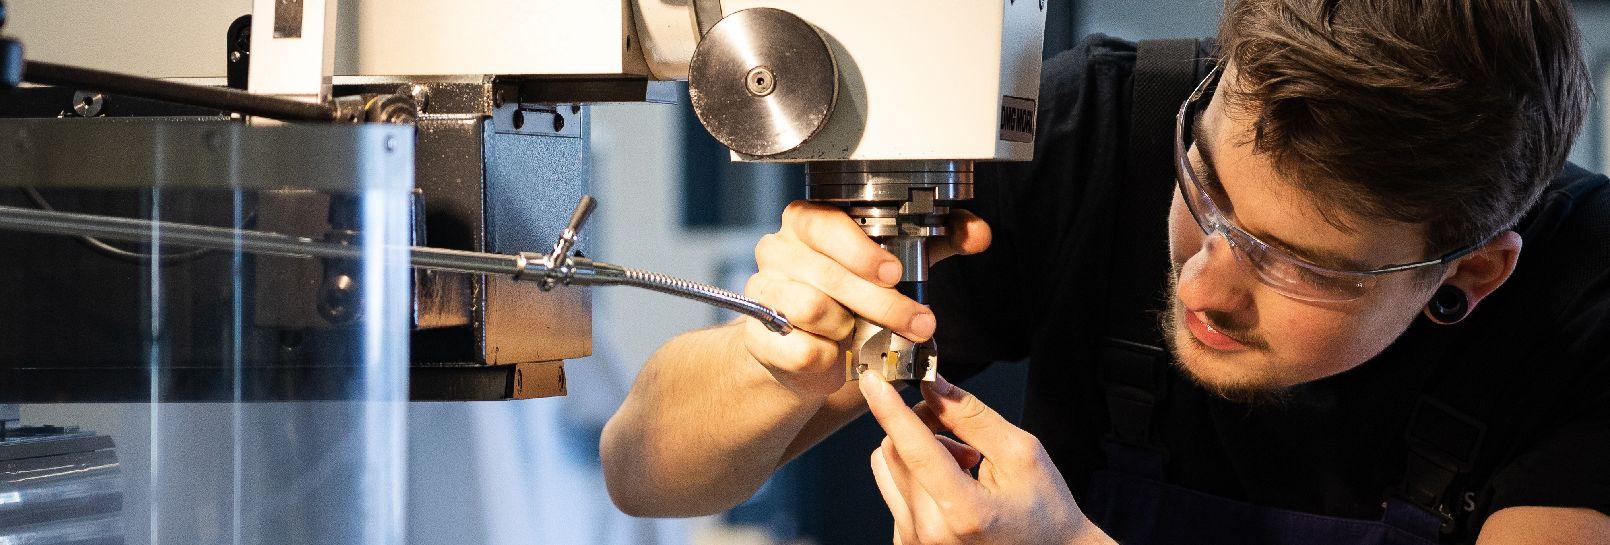 Ausbildung zum Feinwerkmechaniker (m/w/d) für den Maschinenbau